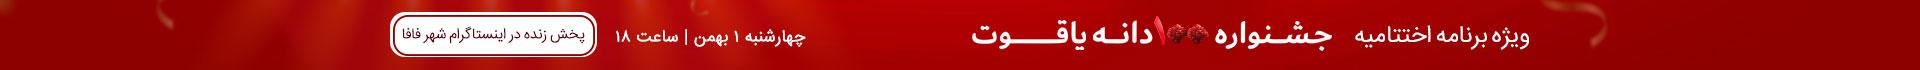 اختتامیه جشنواره ۱۰۰دانه یاقوت